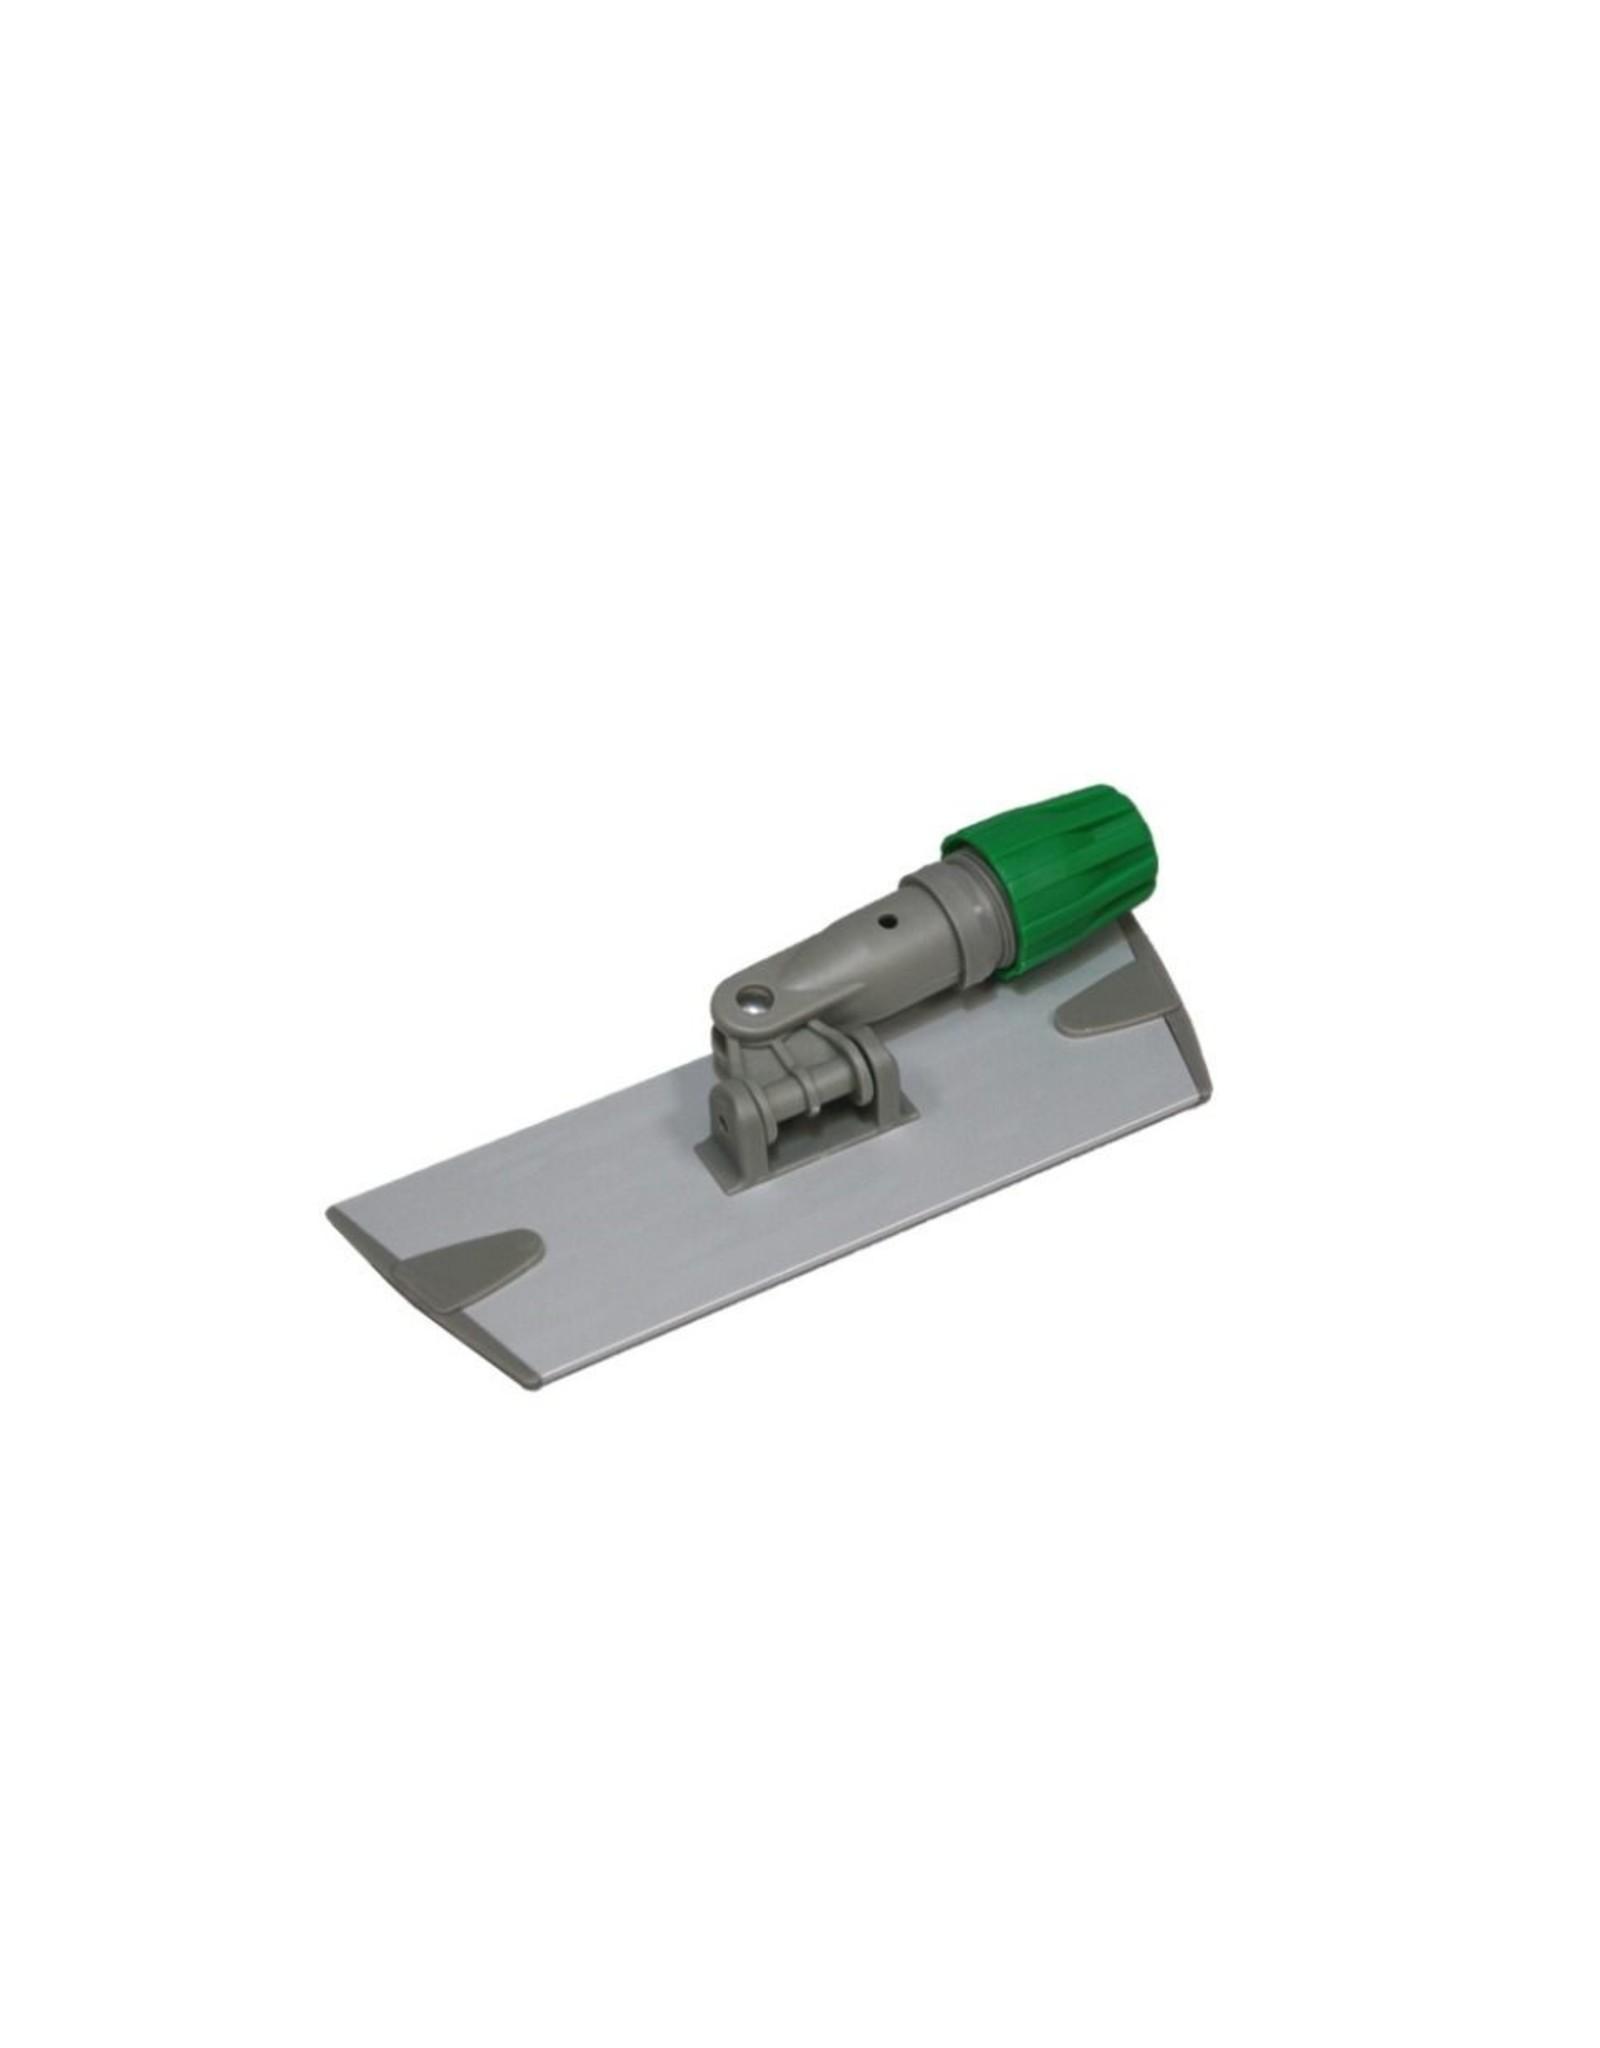 Acor Vlakmophouder aluminium voor velcro-moppen, 41cm